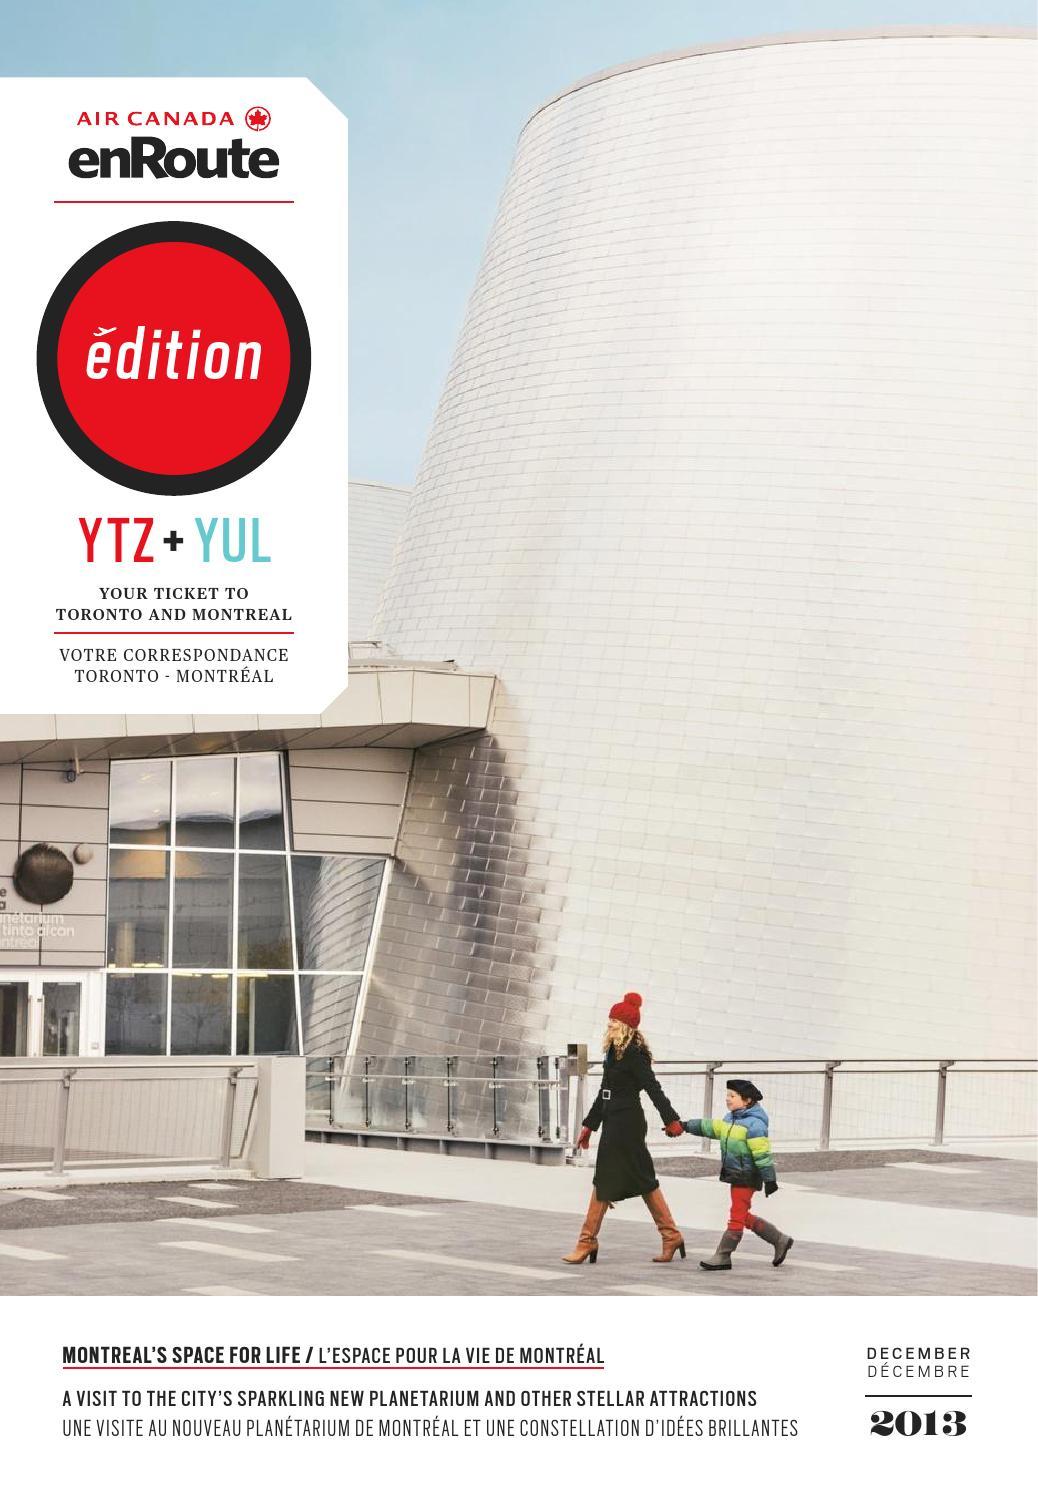 La Poste Le Poiré Sur Vie air canada enroute édition ytz + yul — december / décembre